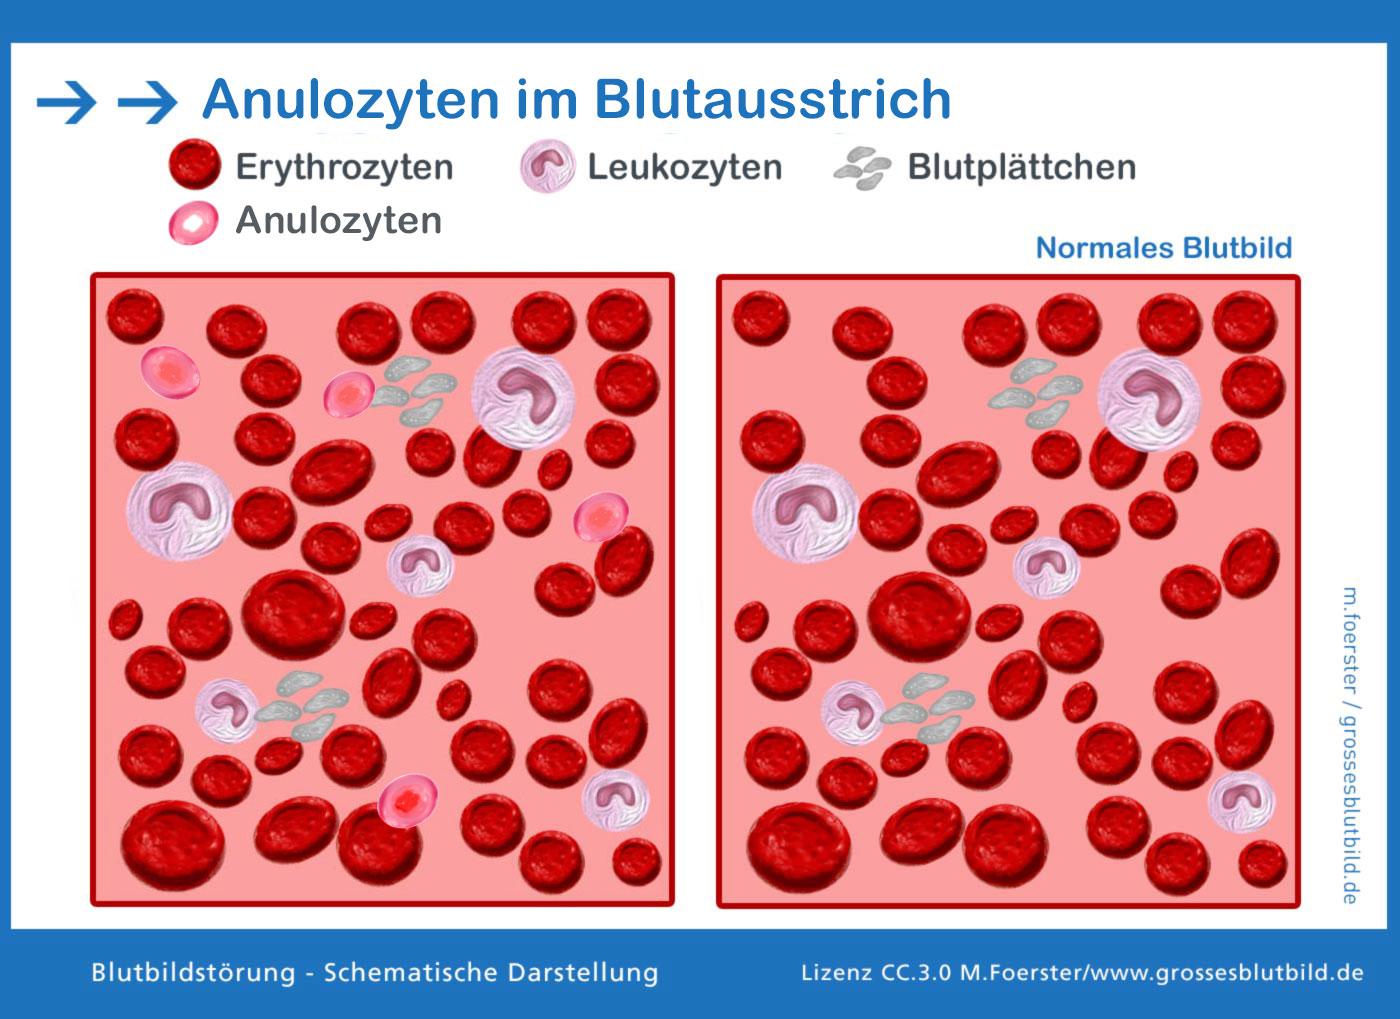 Anulozyt